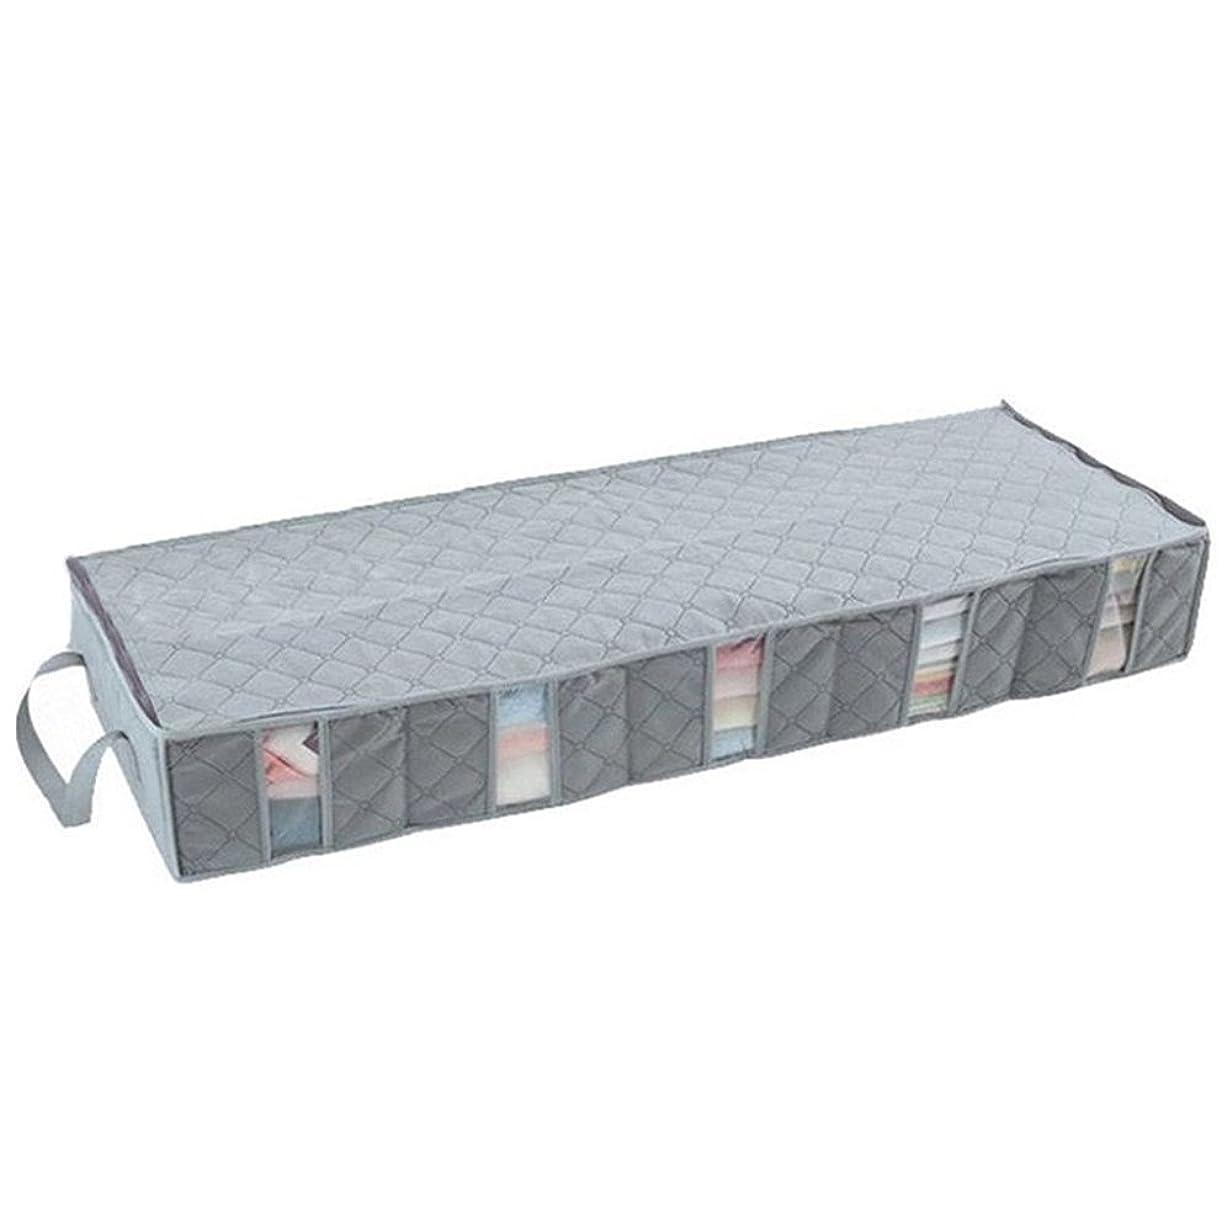 それから委任する損なうSUNKY ベッド下収納ボックス 衣類収納 竹炭 薄型収納ケース 消臭 整理袋 ベッド下収納袋 取っ手付き 幅100cm×奥行35cm×高さ15cm